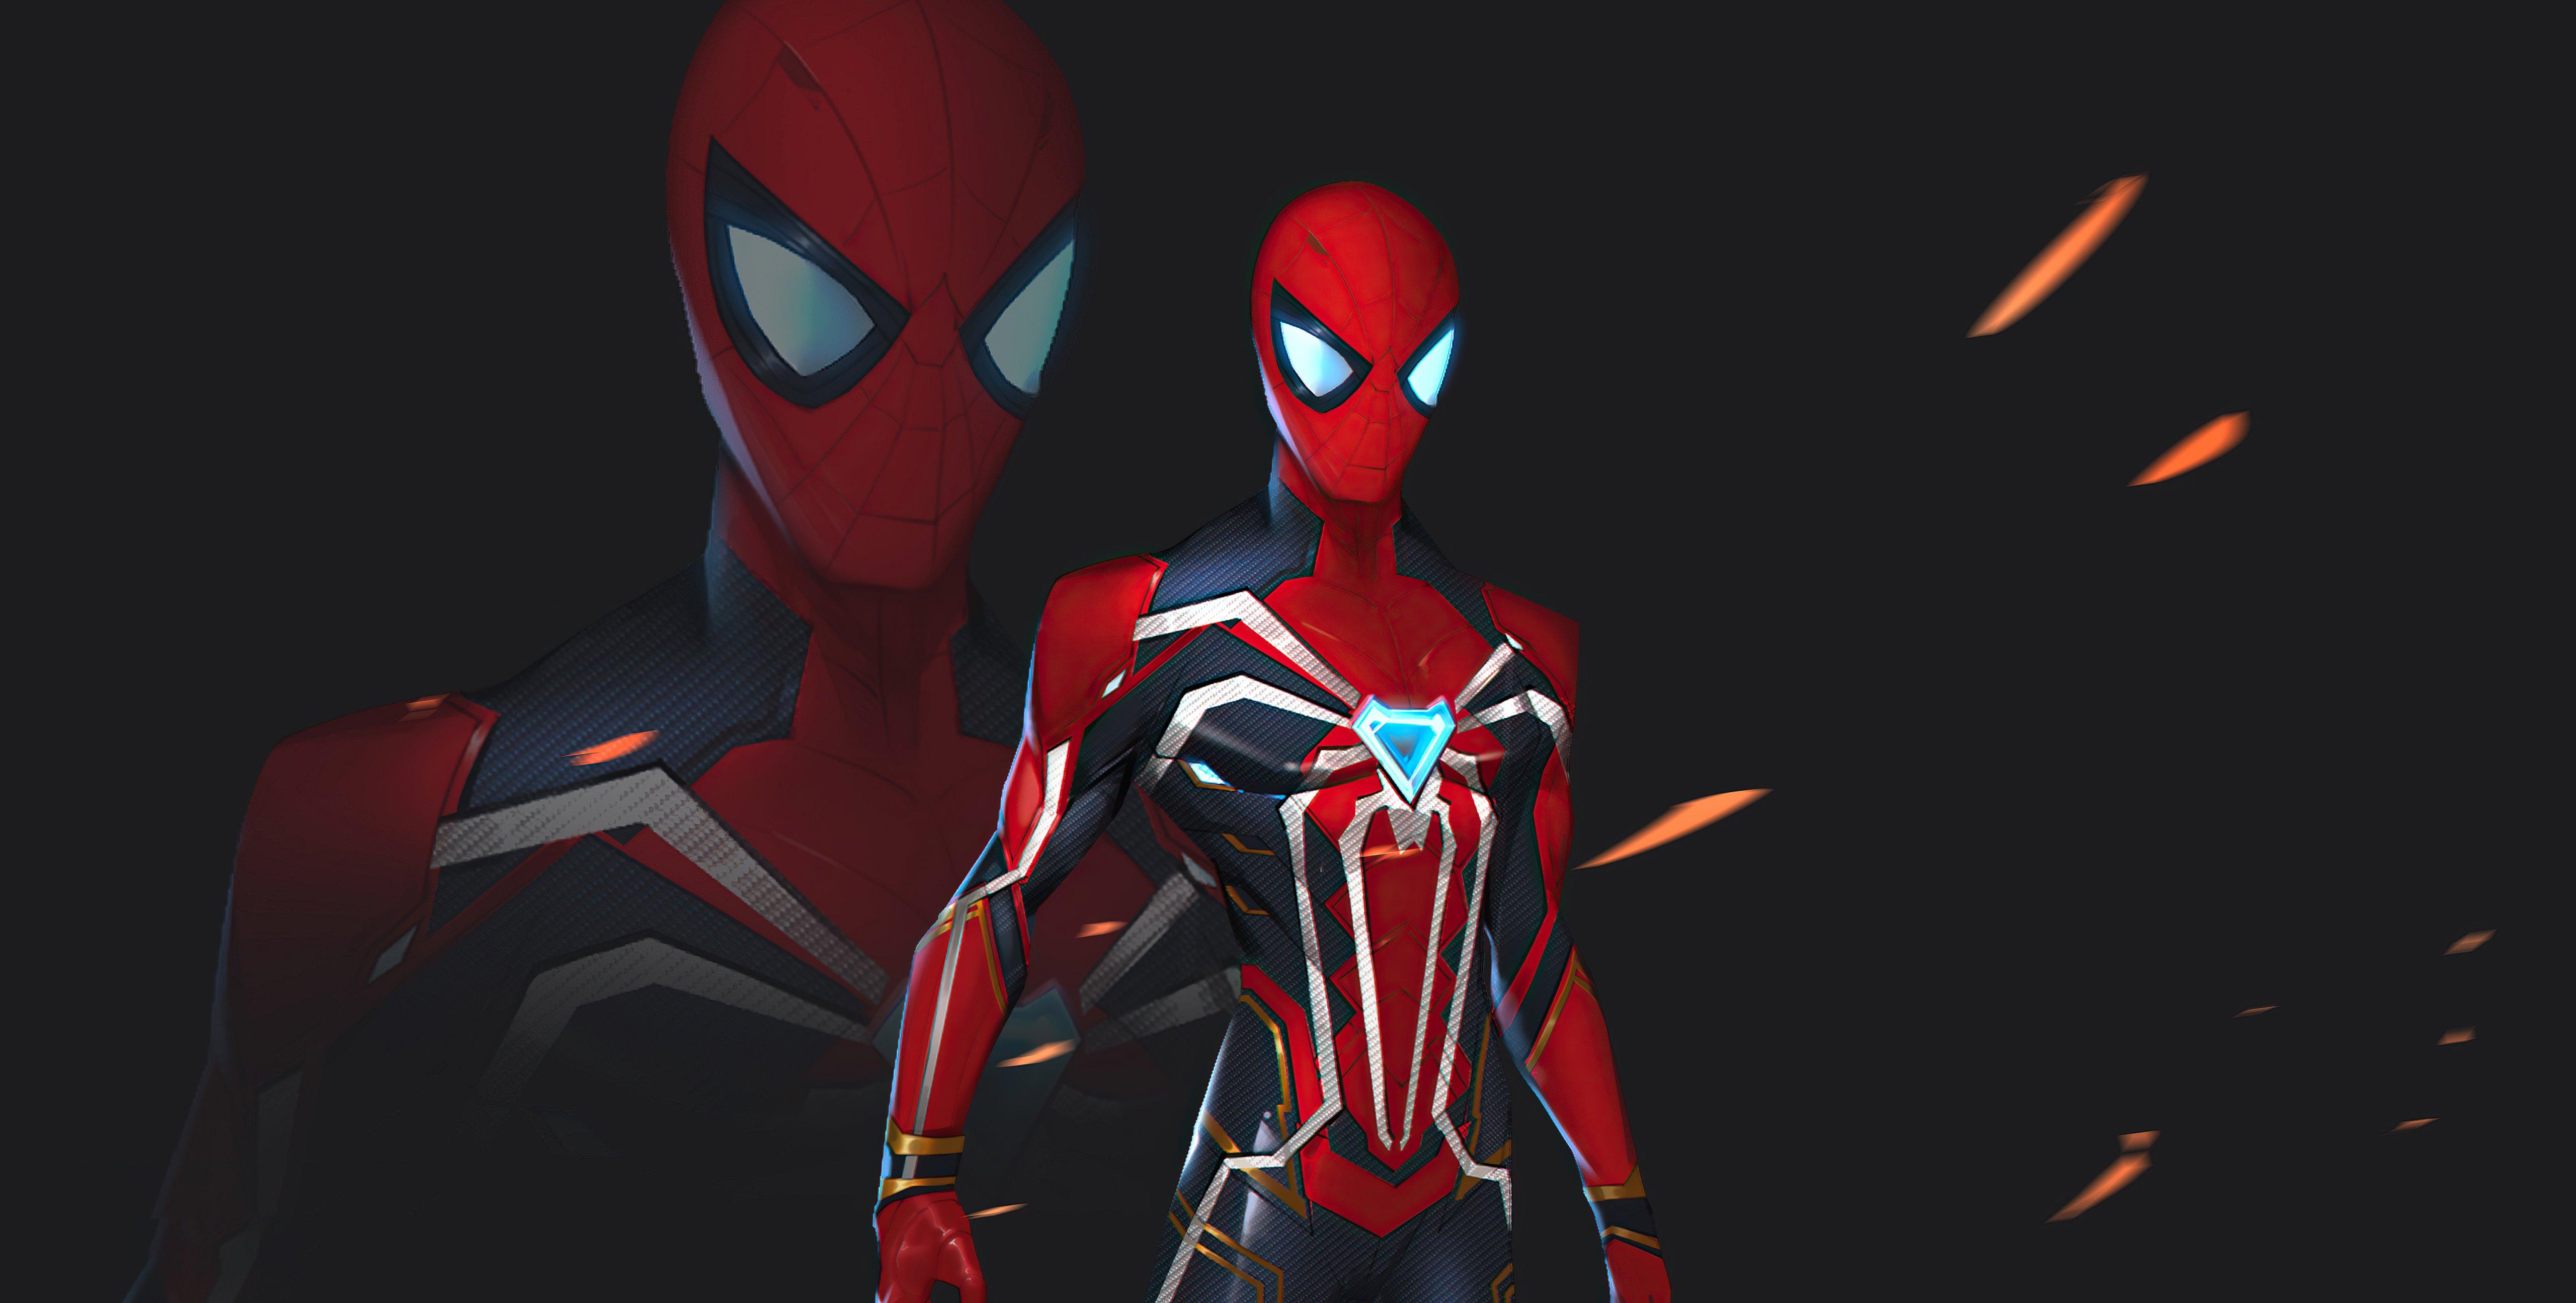 Fondos de pantalla El hombre araña nuevo traje 2021